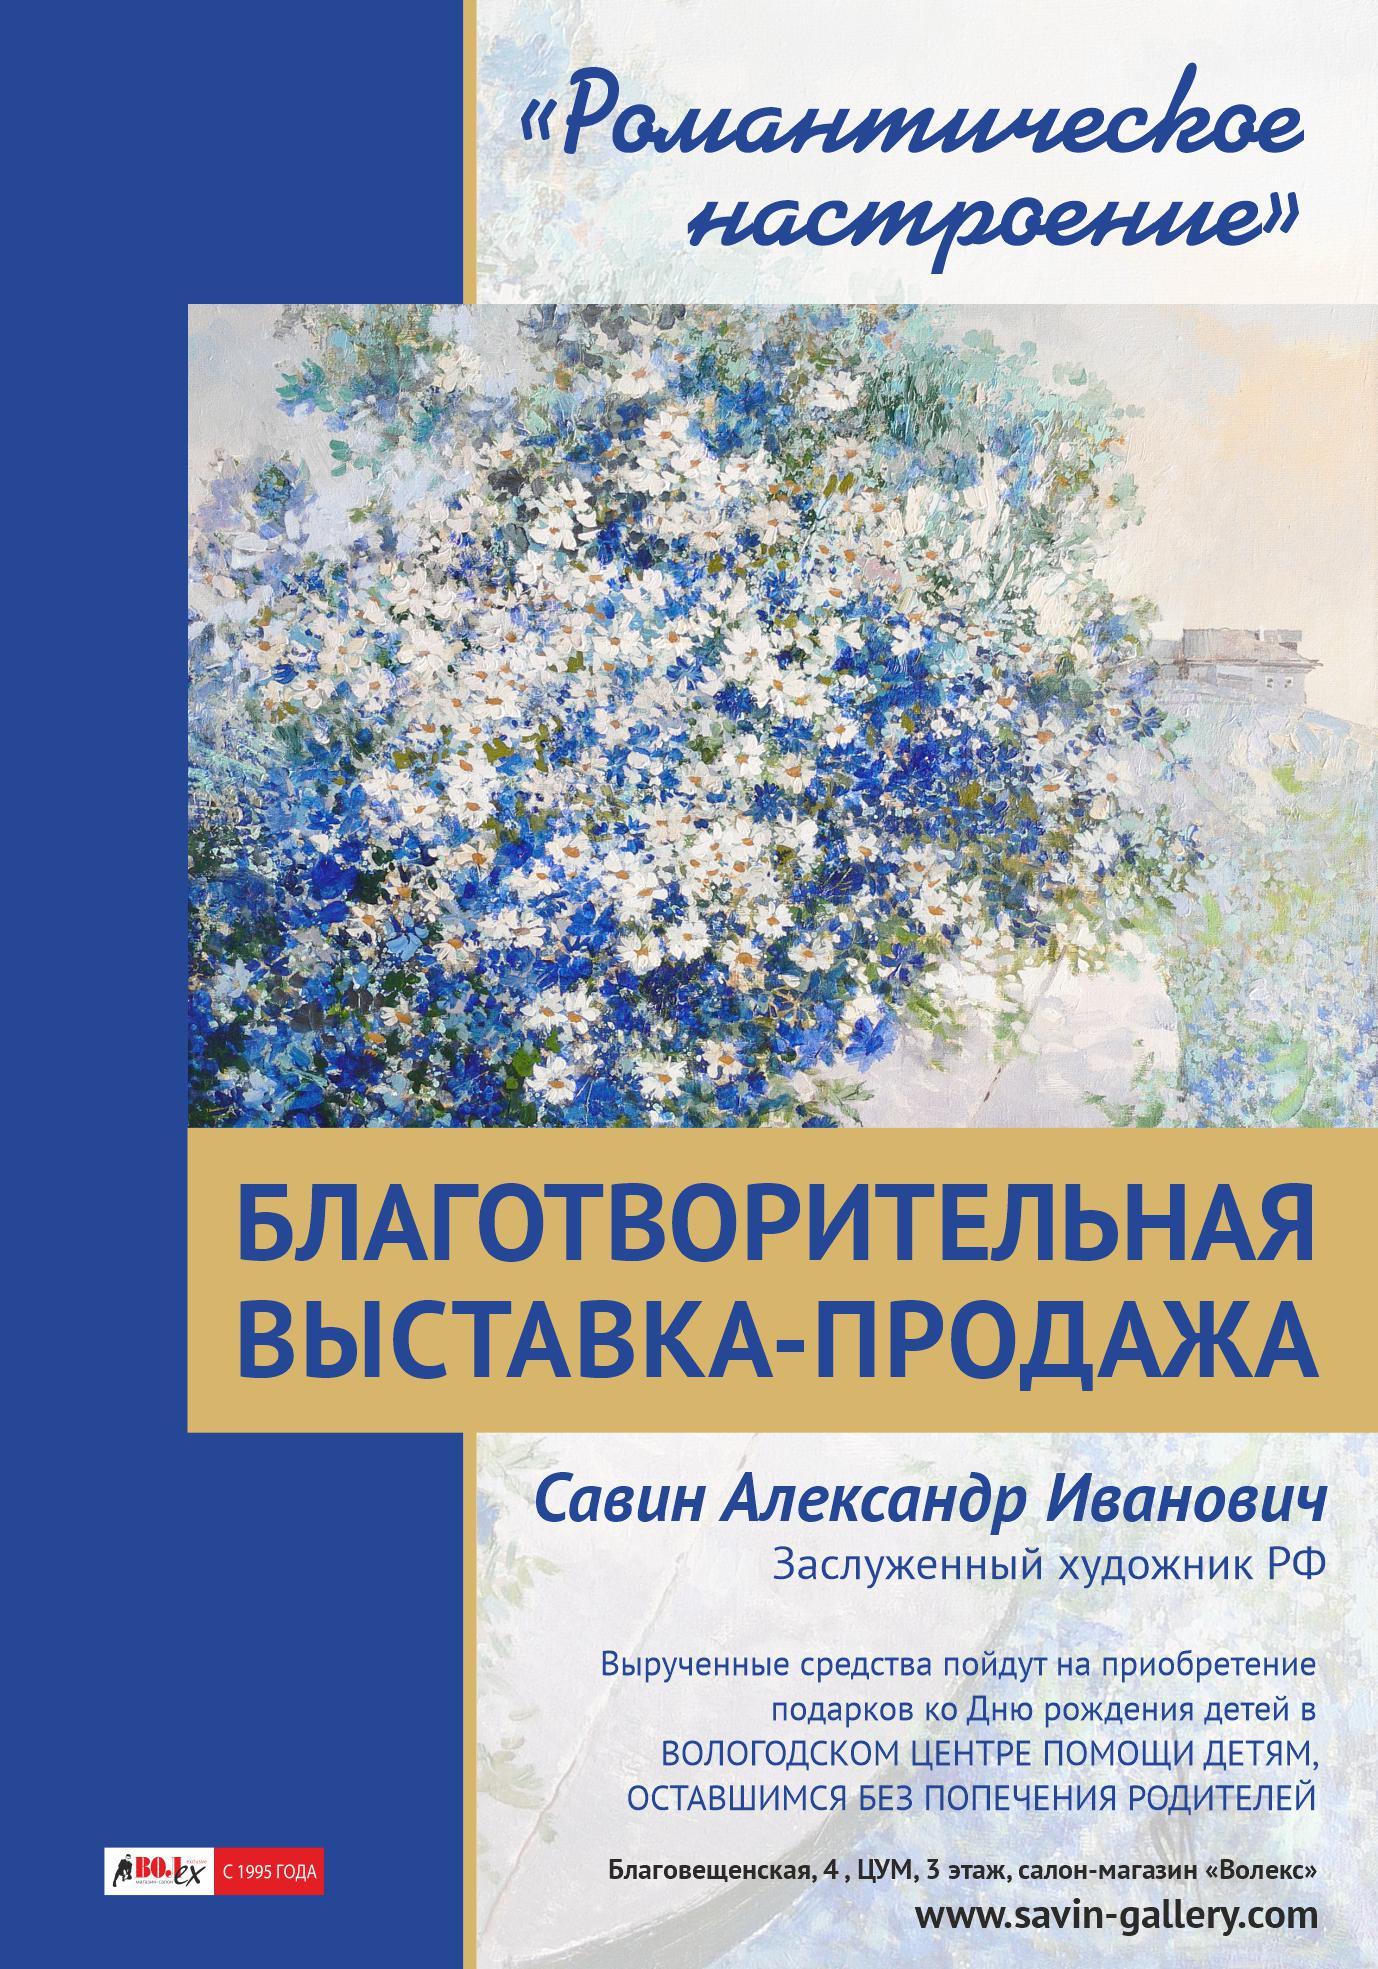 gallery_1_vtoraja-blagotvoritelnaja-vystavka-prodazha-savin-aleksandr-ivanovich-2